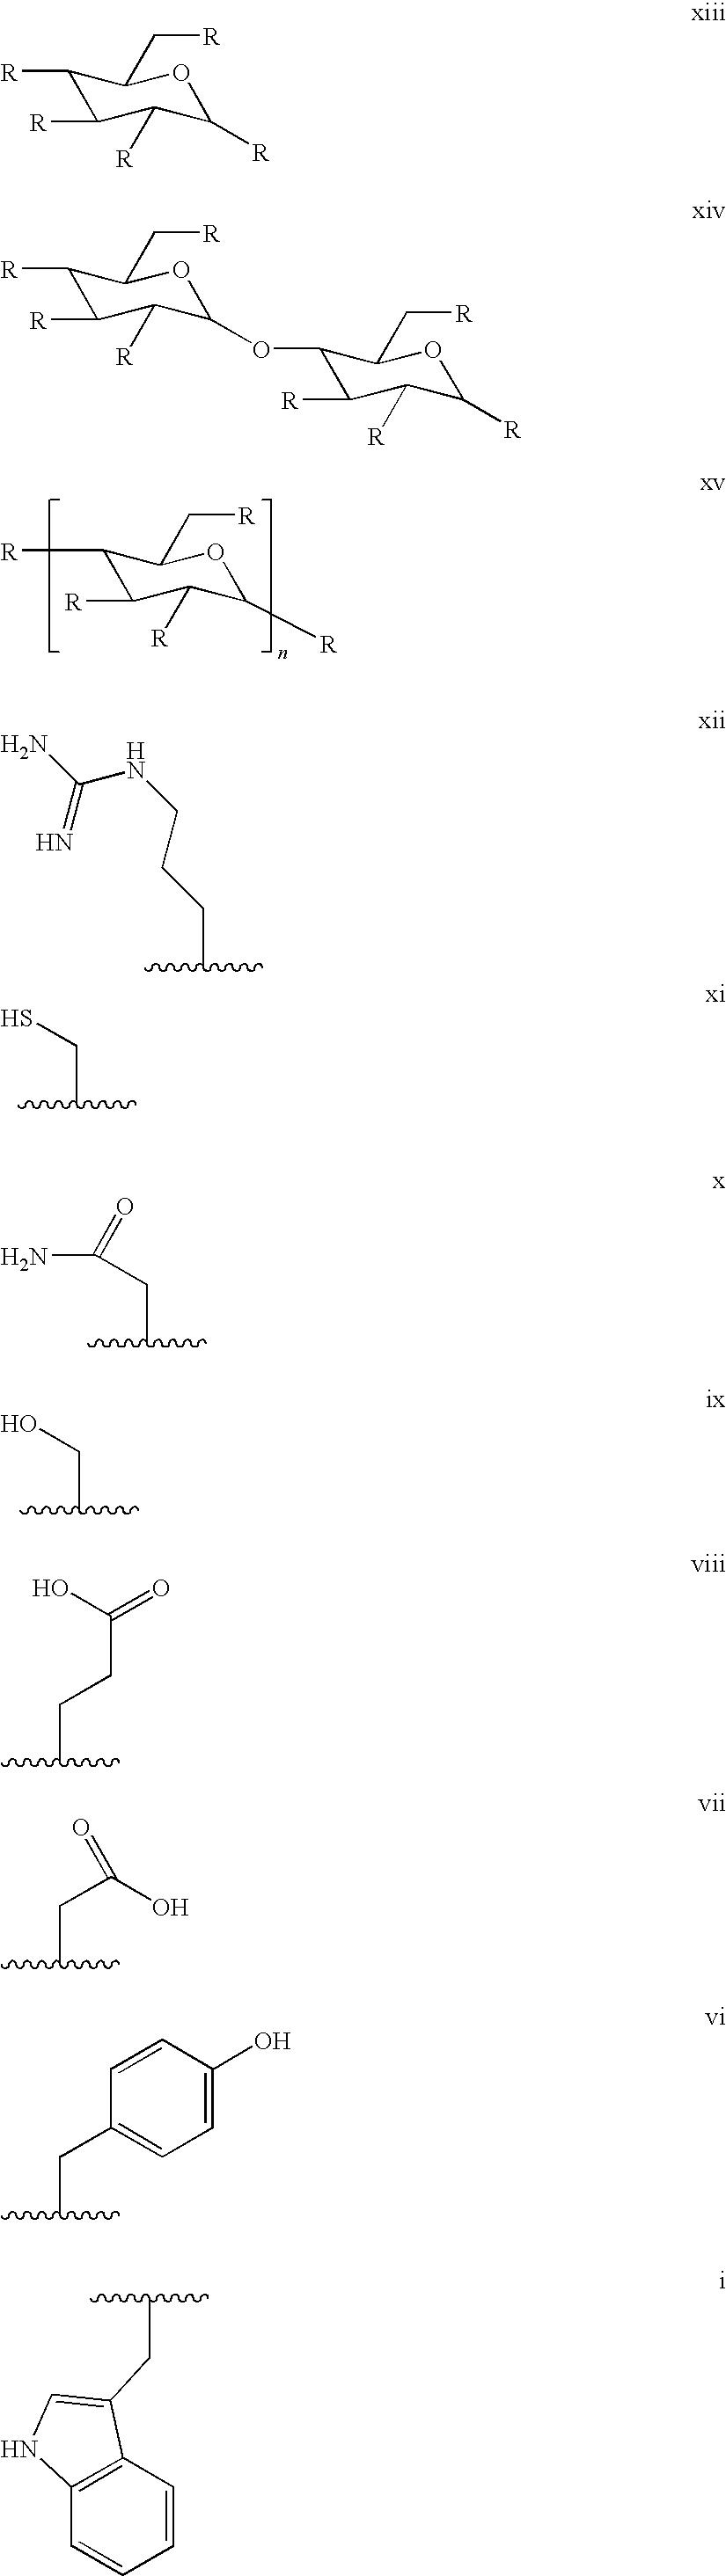 Figure US20090291427A1-20091126-C00001